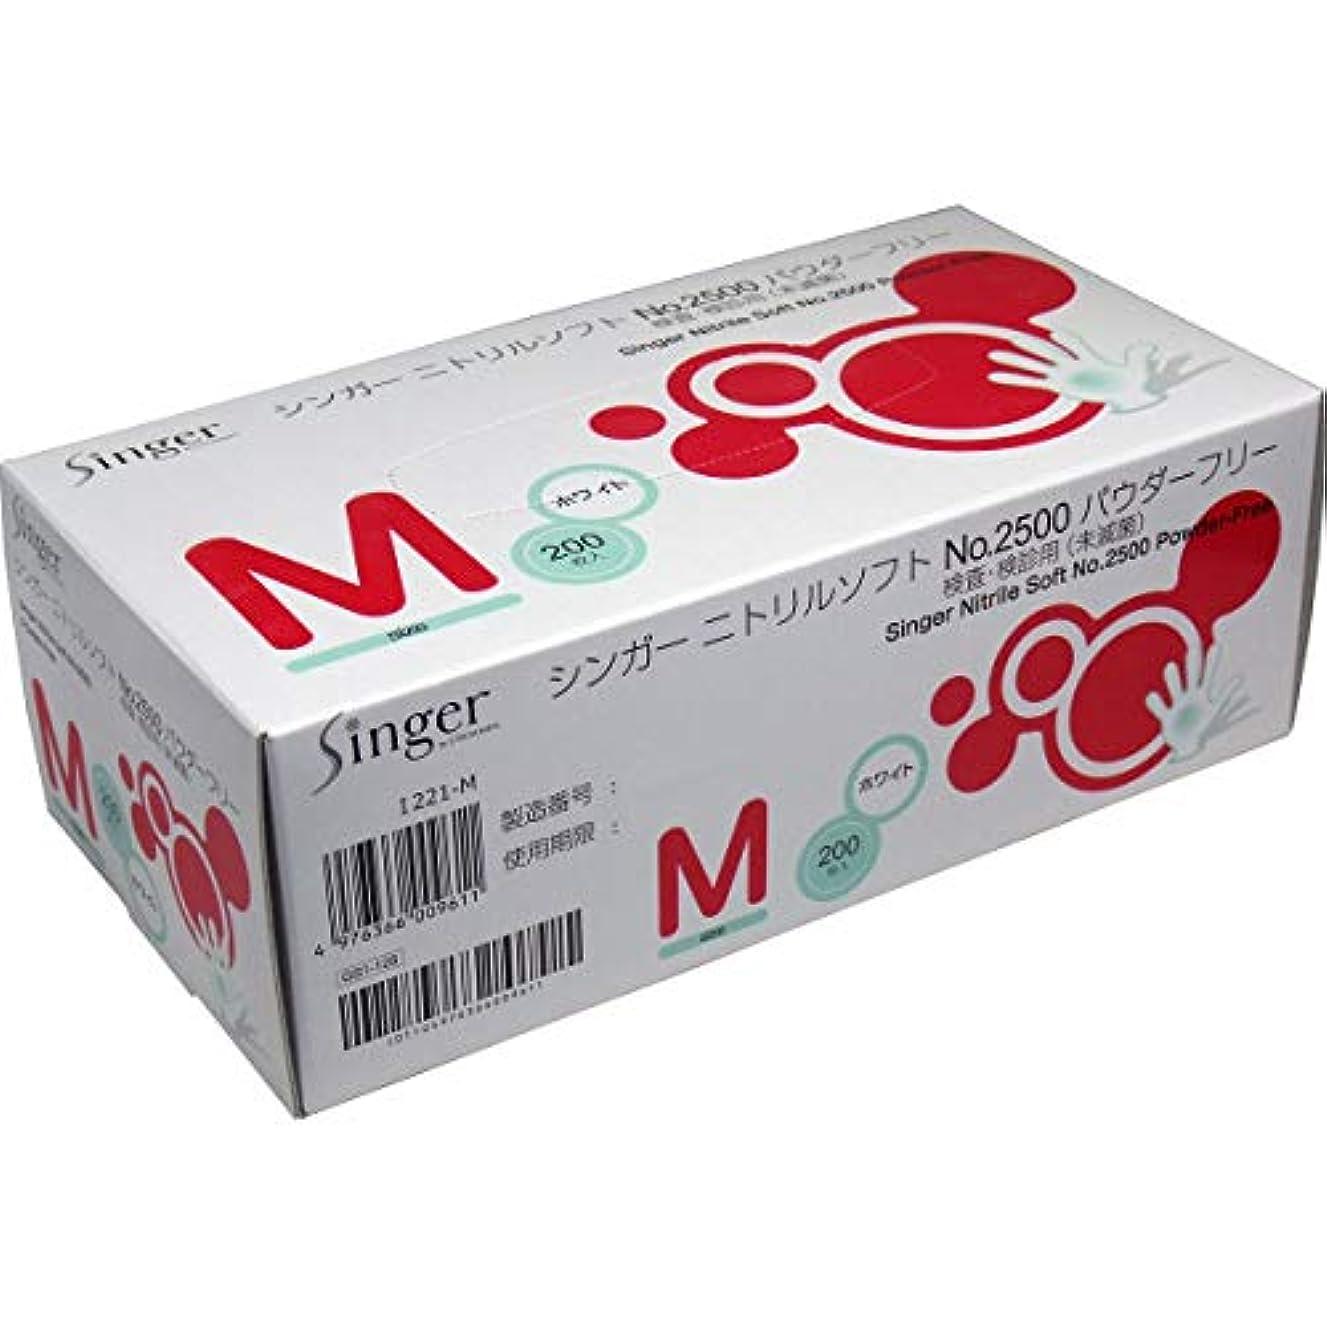 不快クルー最小シンガーニトリルソフト No.2500 パウダーフリー ホワイト Mサイズ 200枚入×2個セット